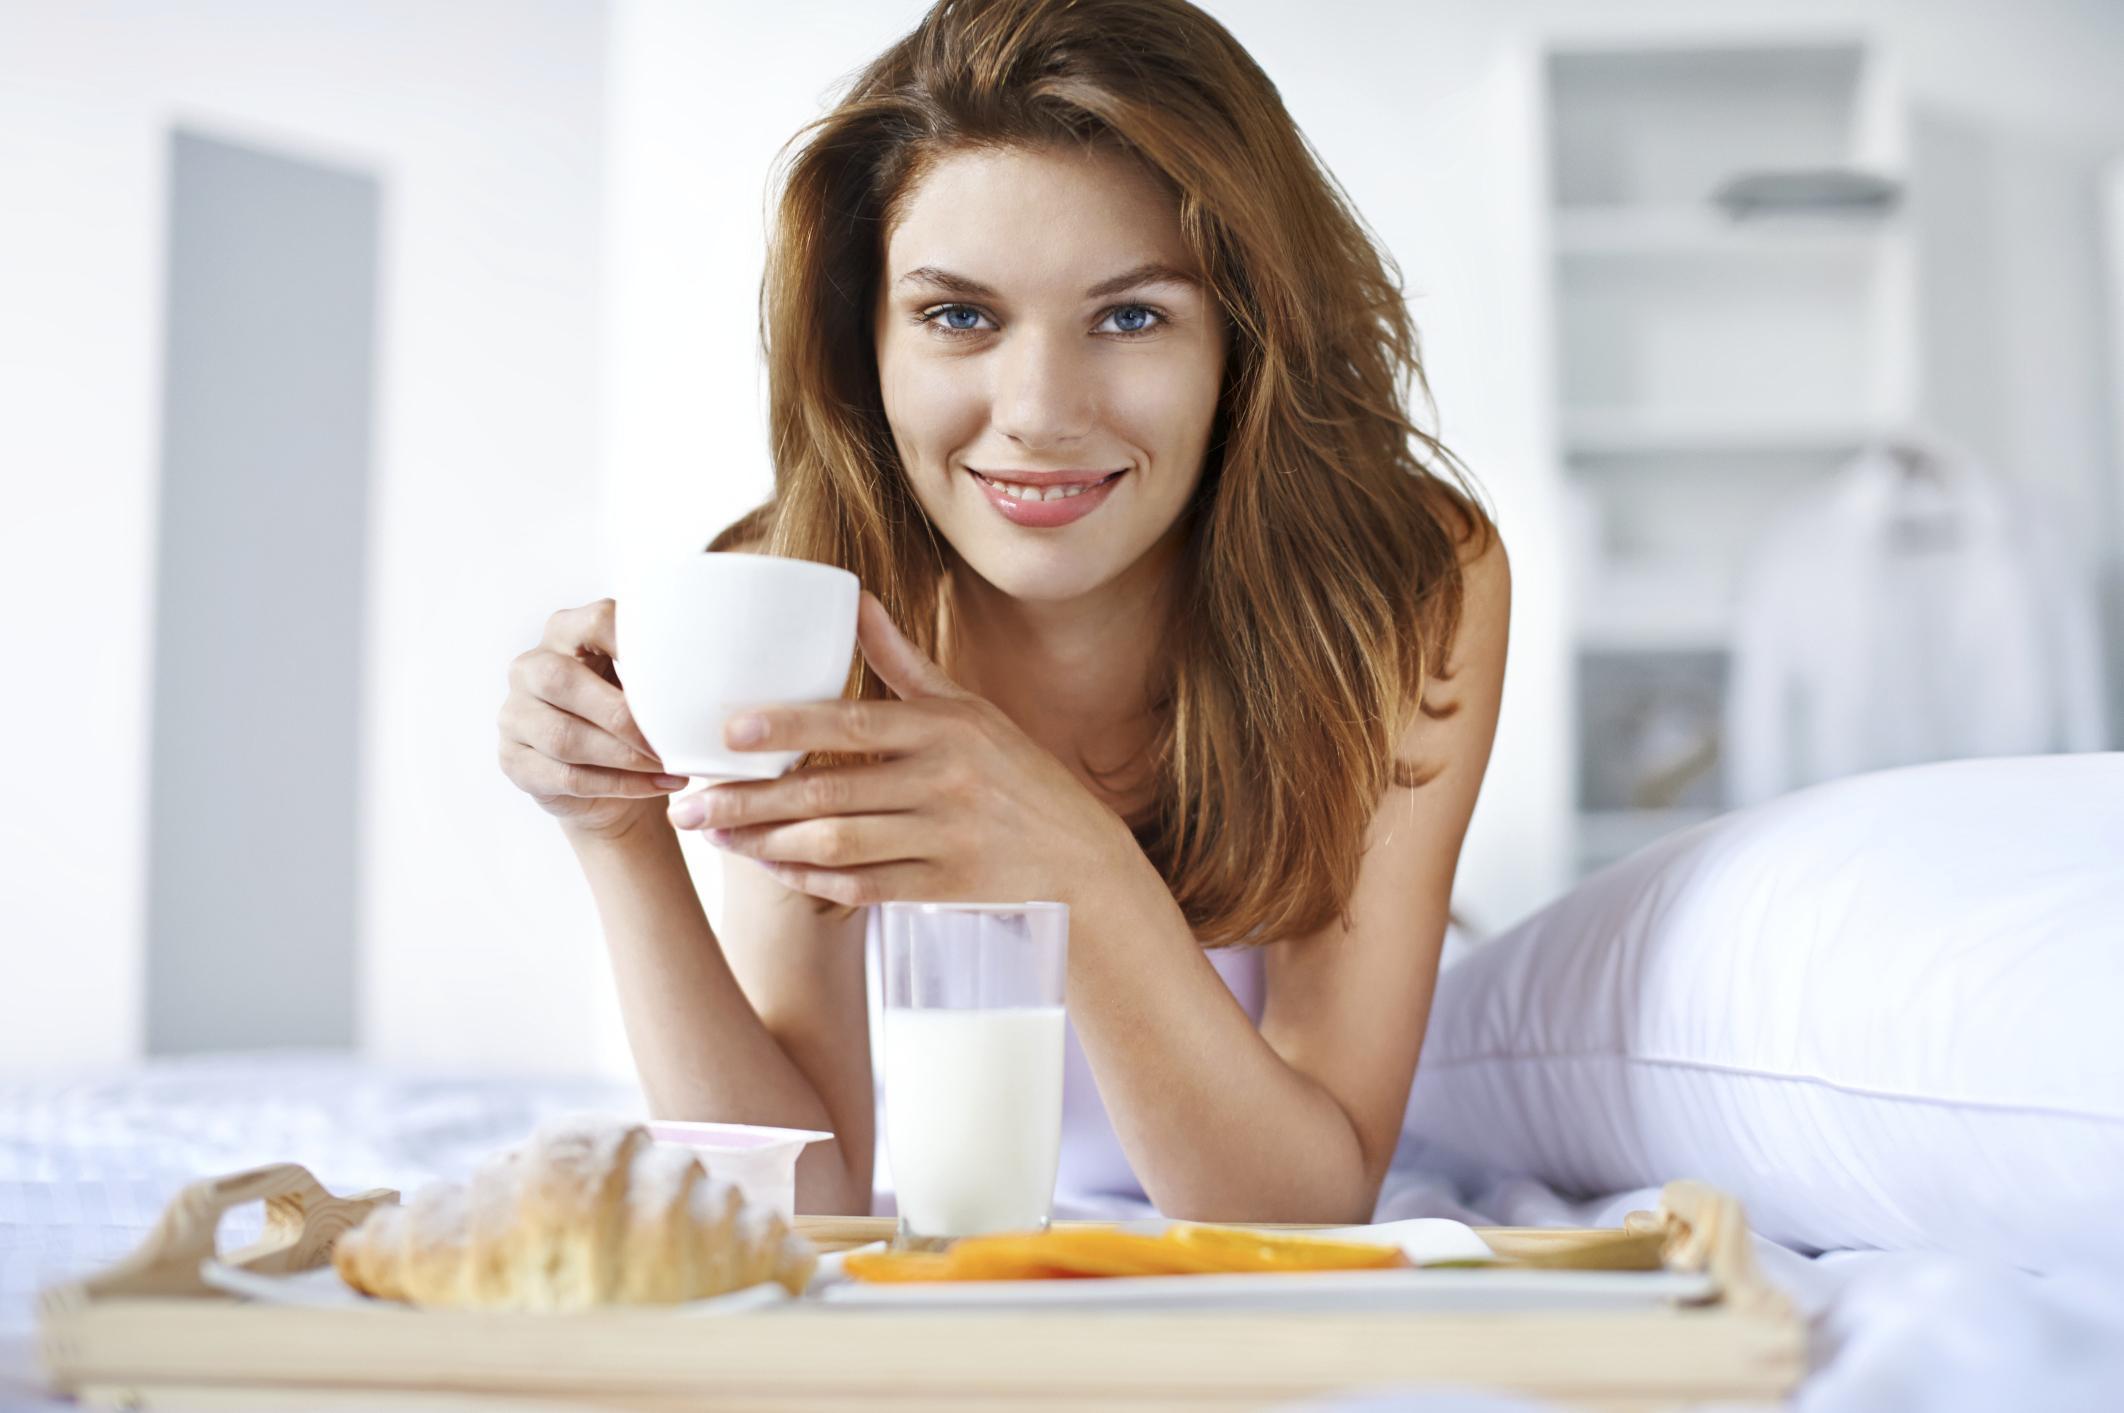 Tipos de Leite: Os Mais Saudáveis Para as Mulheres